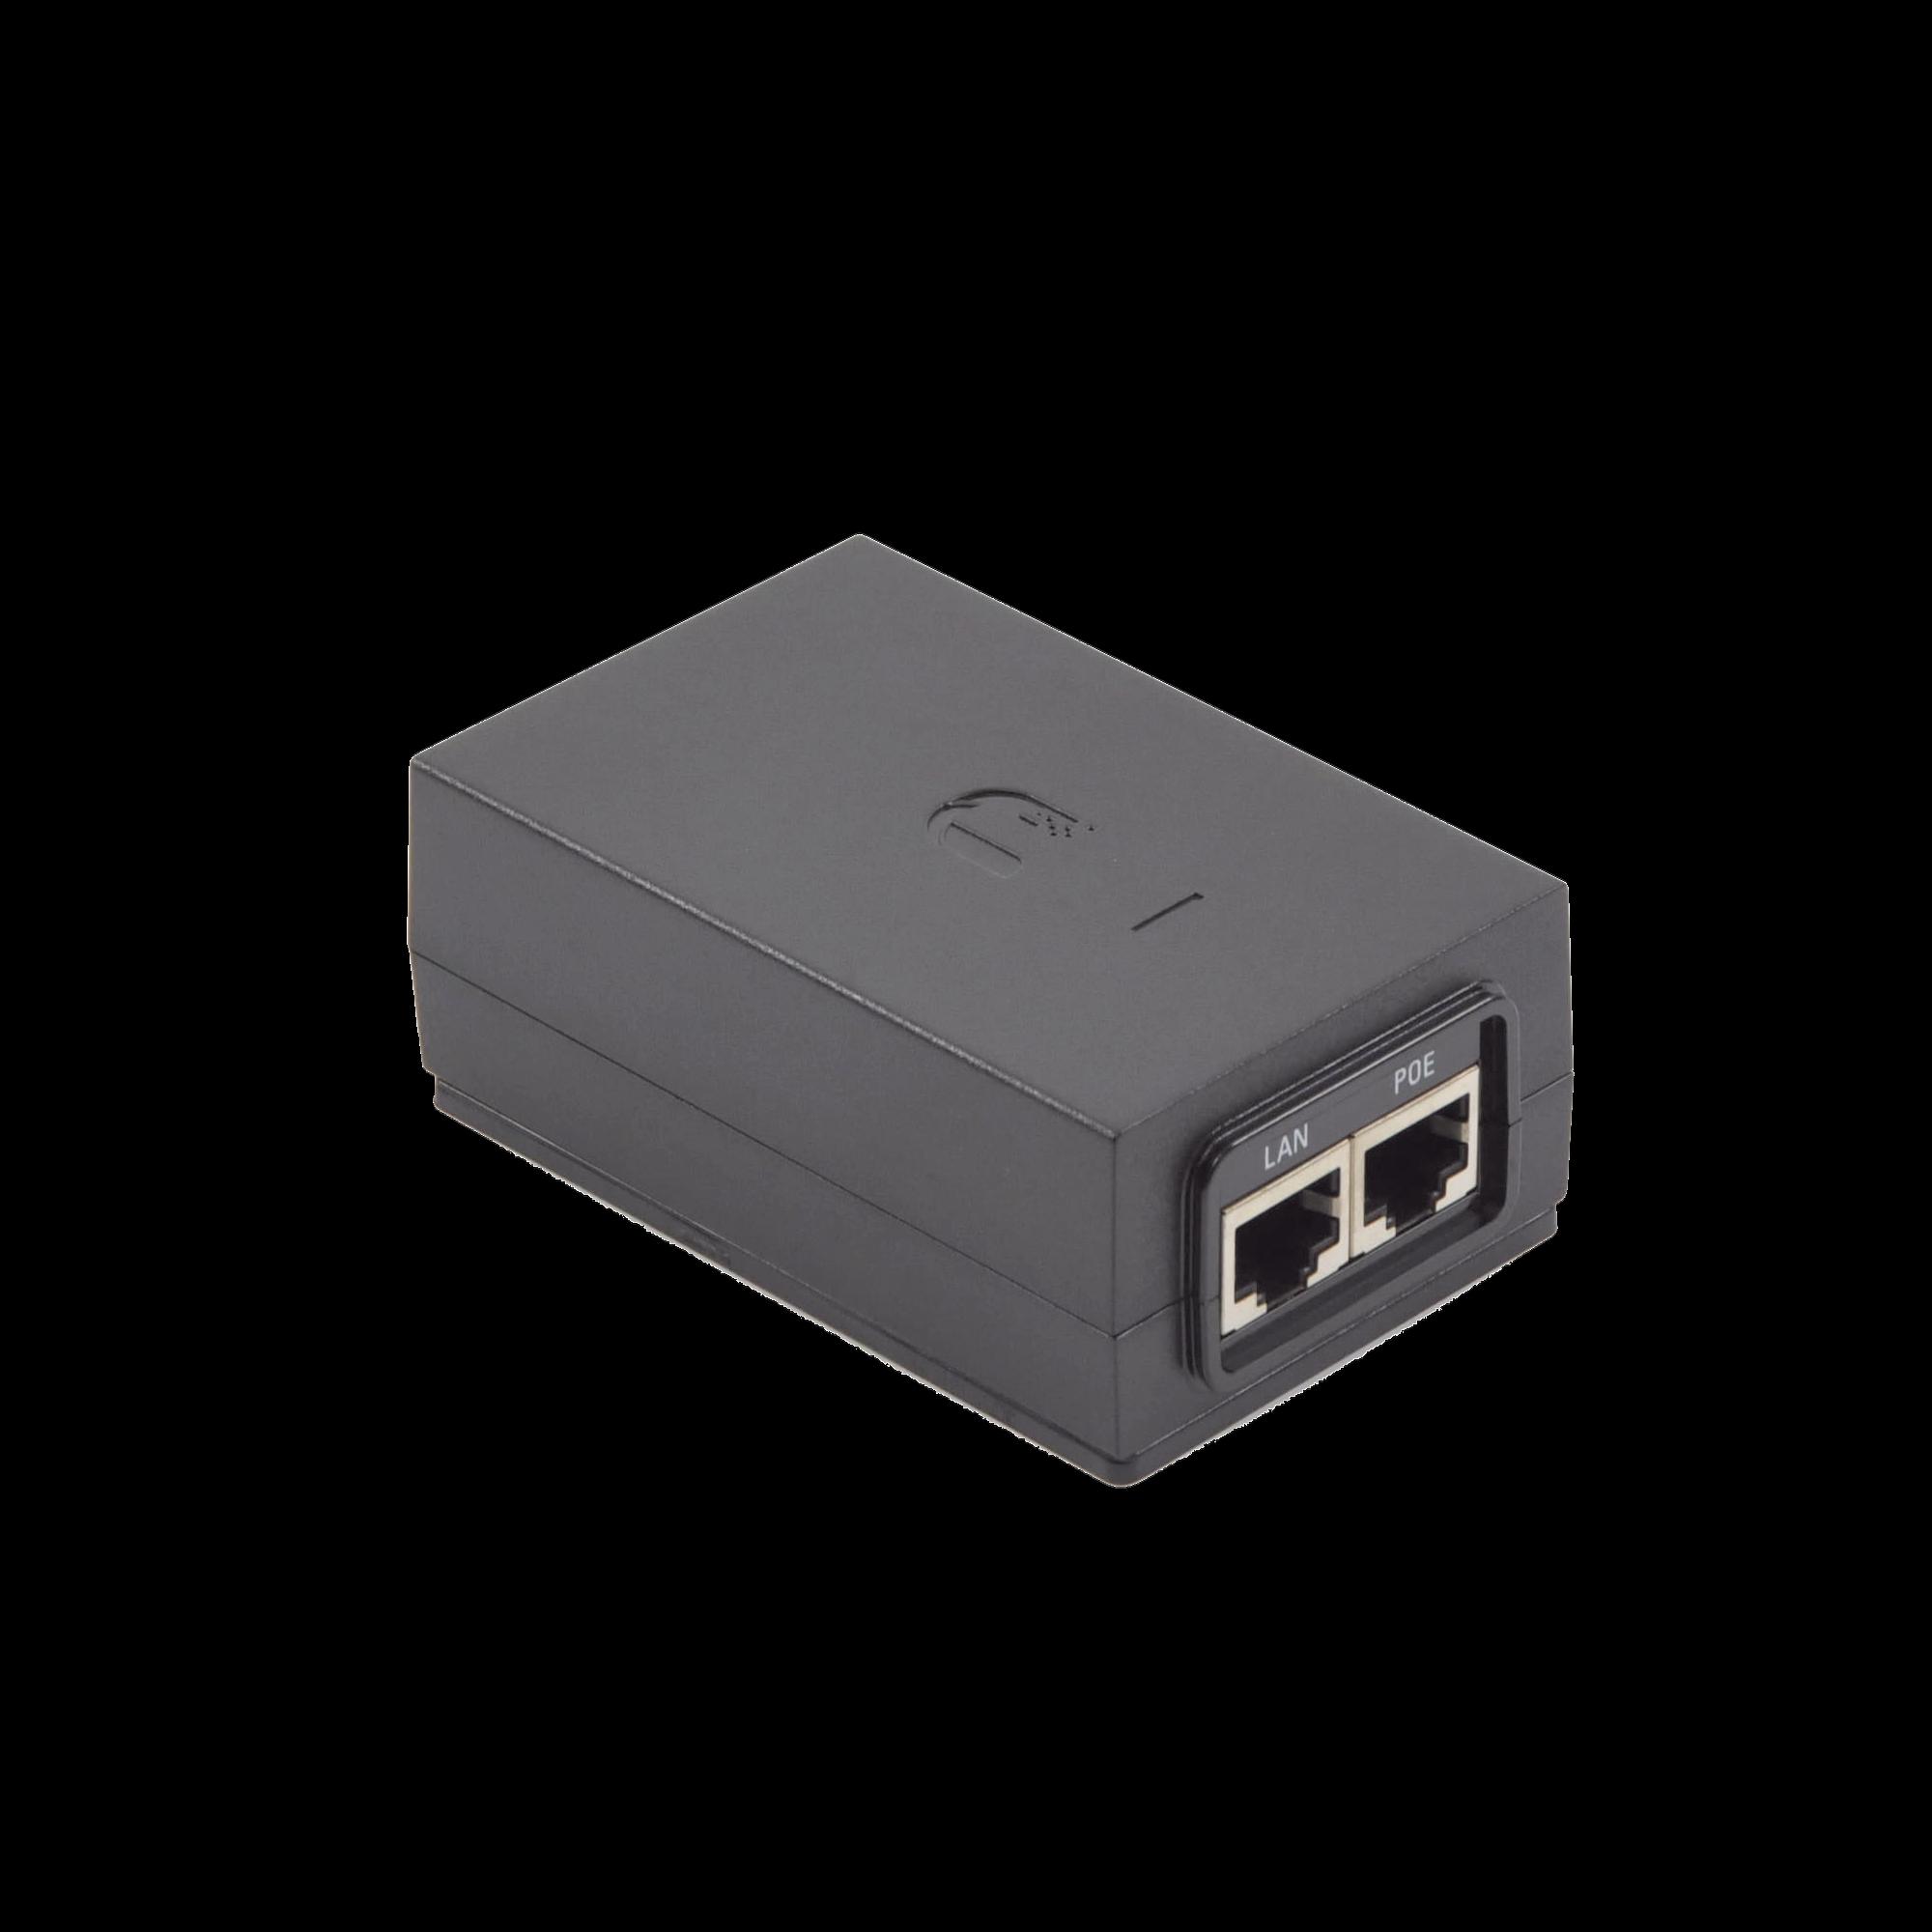 Adaptador PoE Ubiquiti de 24 VDC, 1.0 A